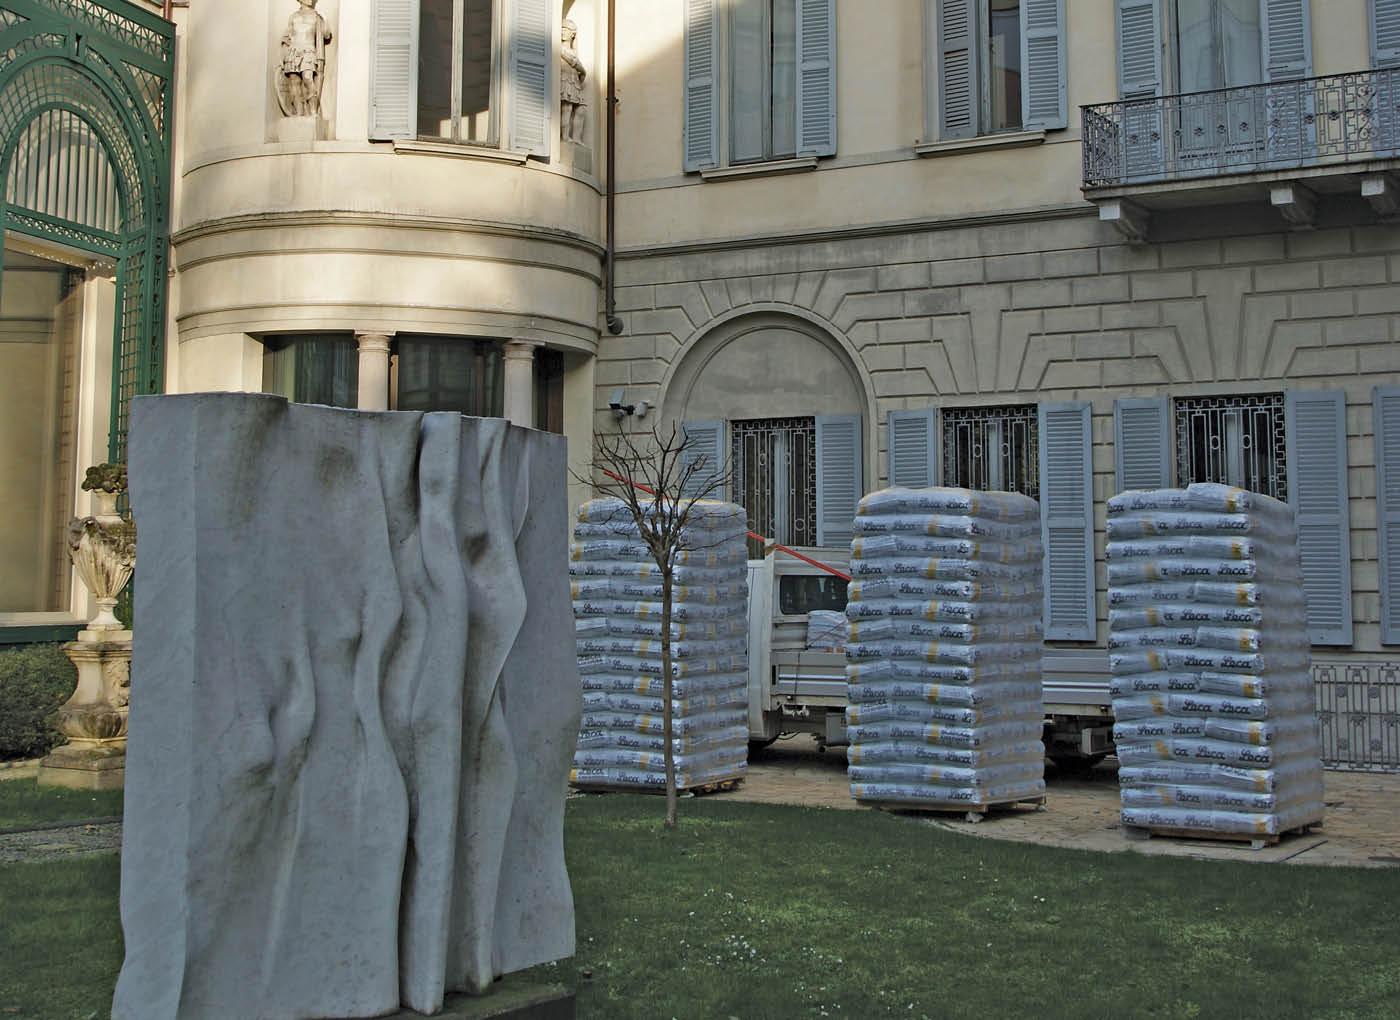 Gallerie d'Italia (MI)